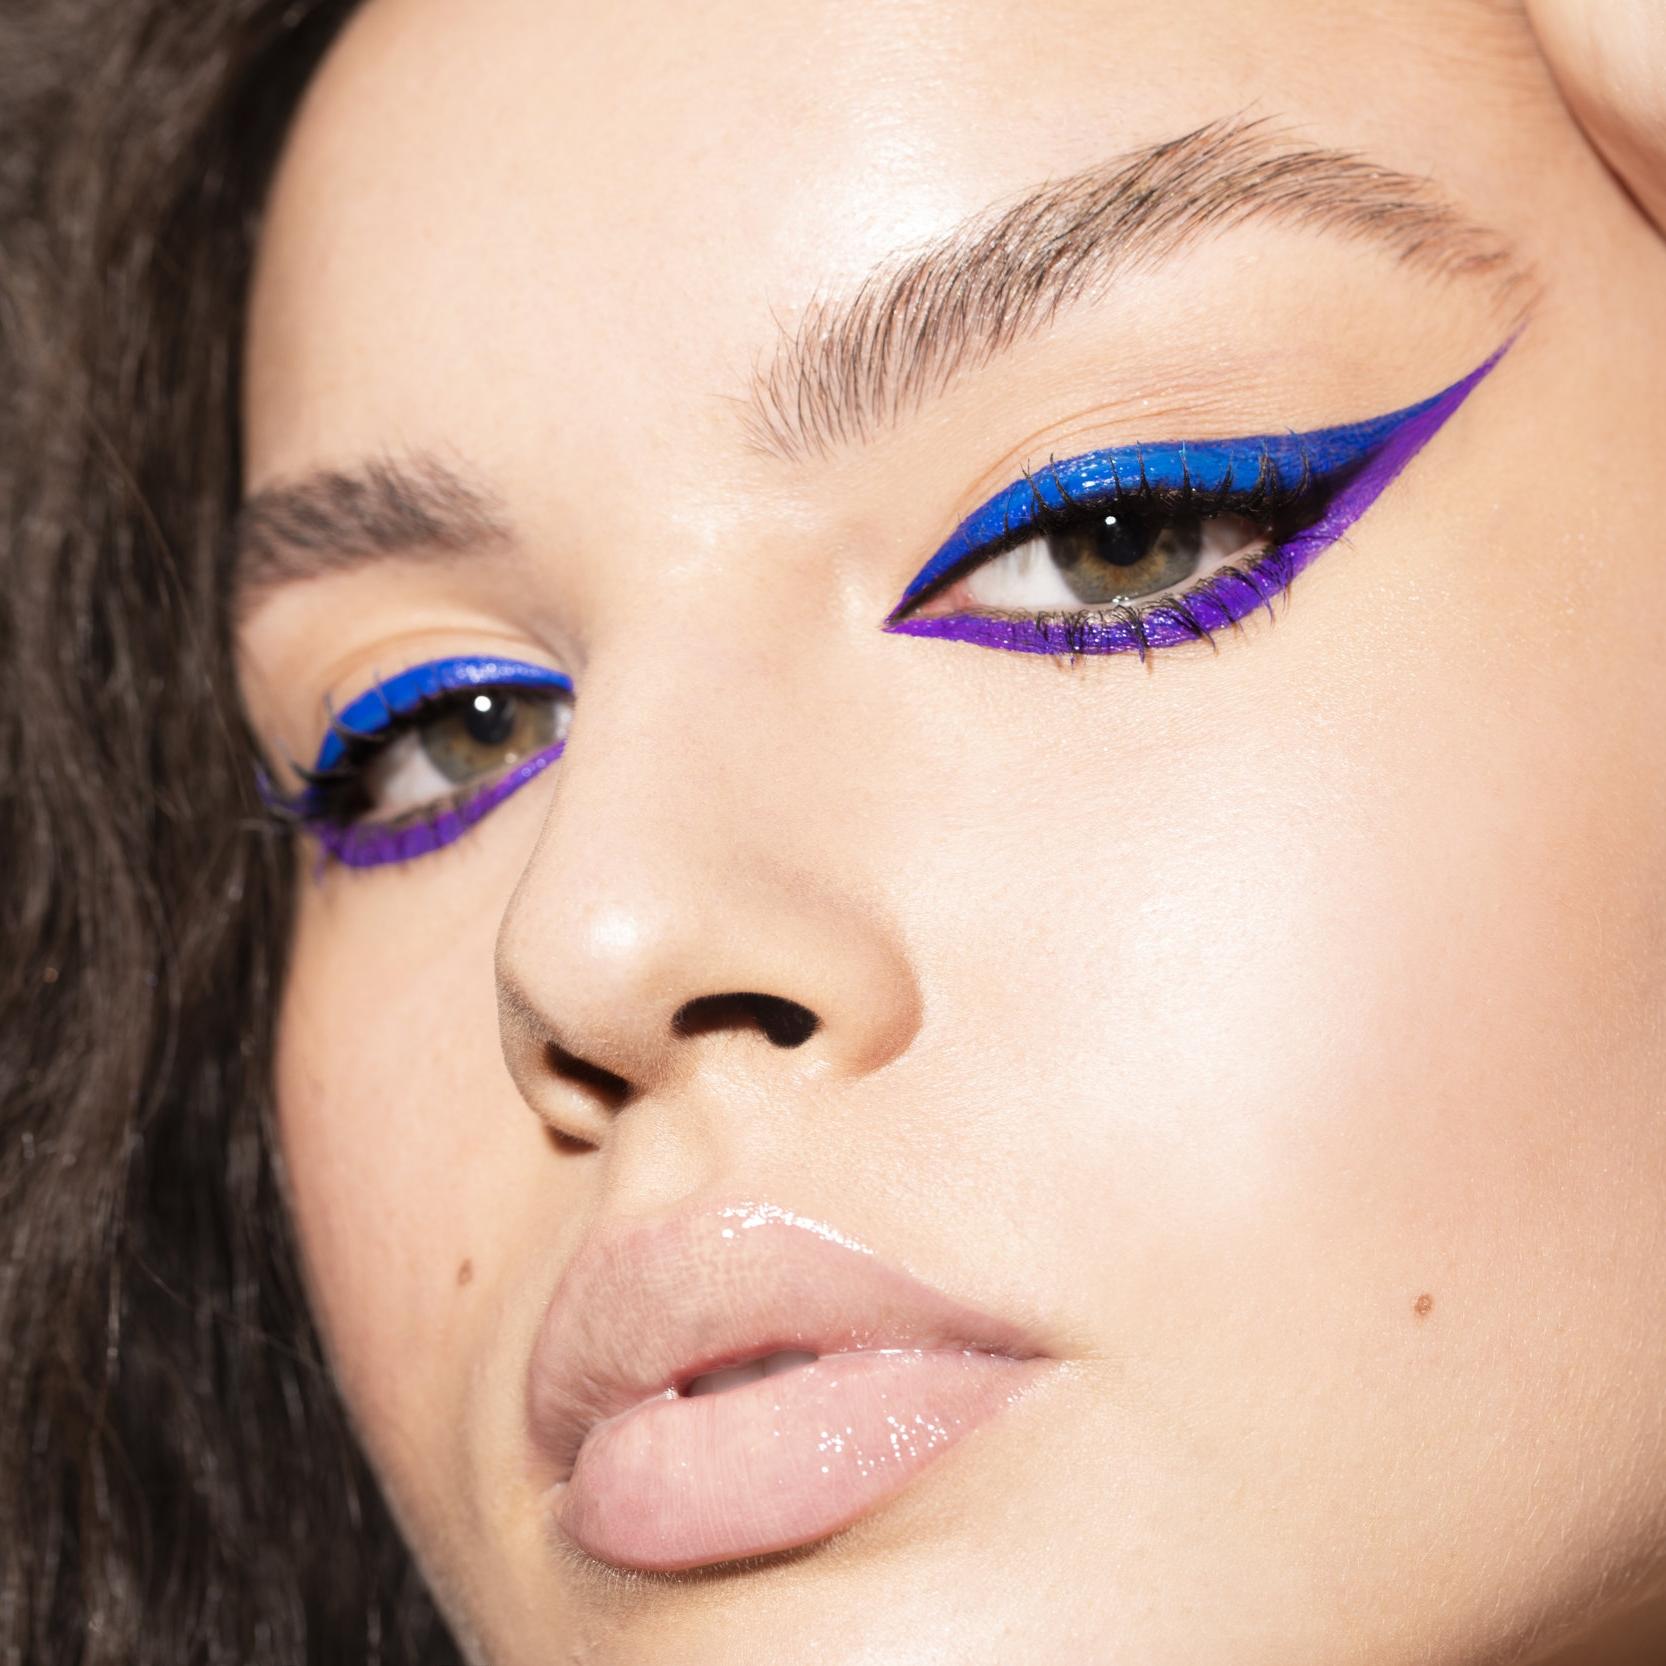 Makeup Artist Lessons — Sarika  Makeup Artistry & Training